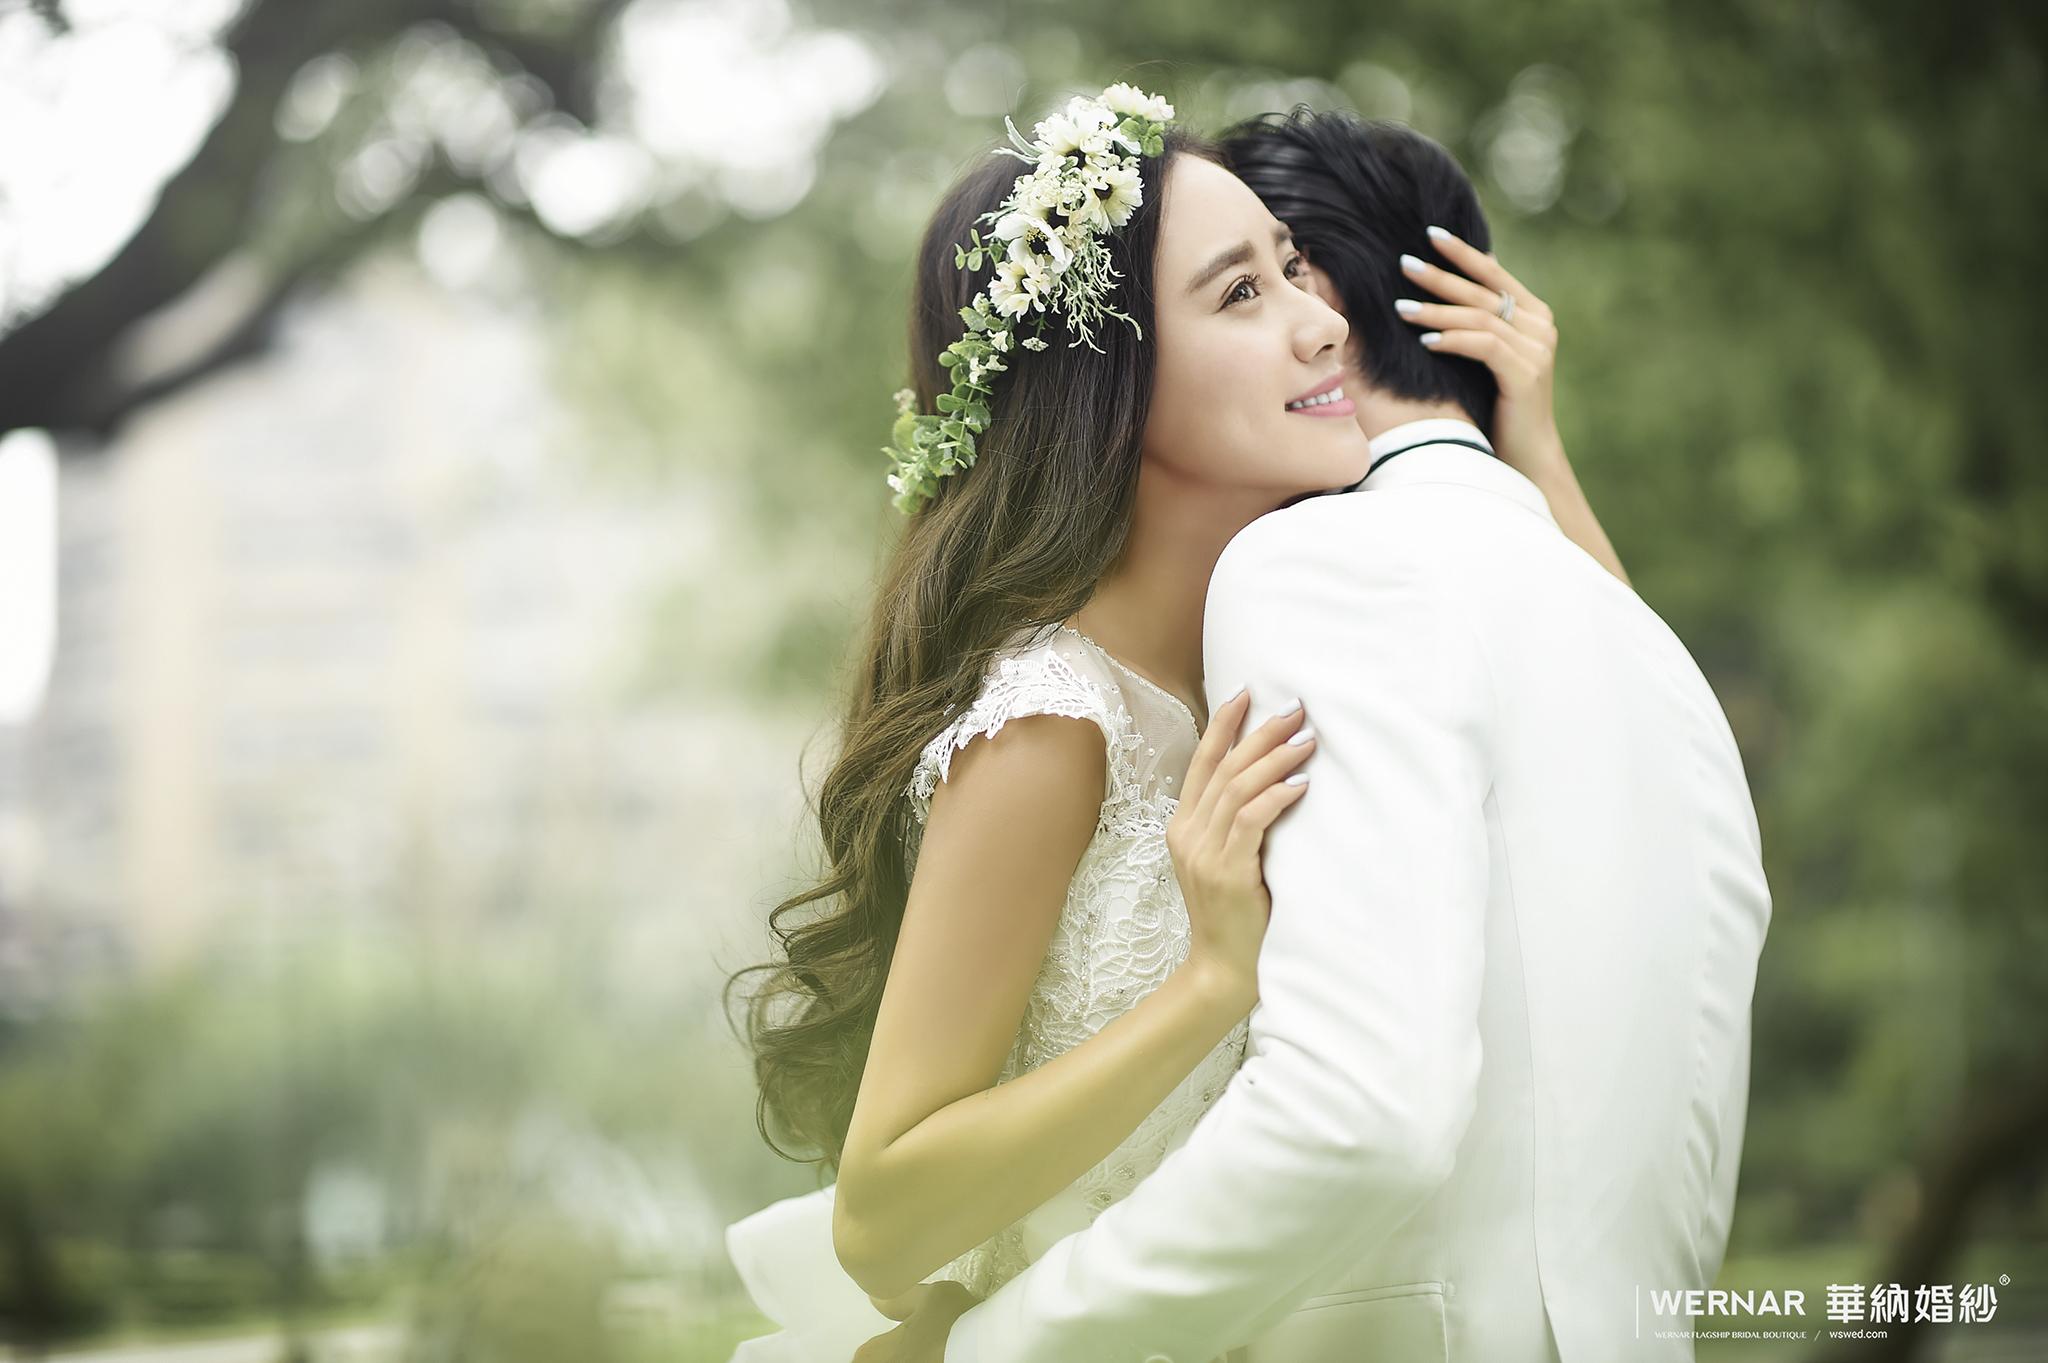 婚紗外拍景點,婚紗推薦,婚紗攝影,自主婚紗,婚紗照,韓風婚紗